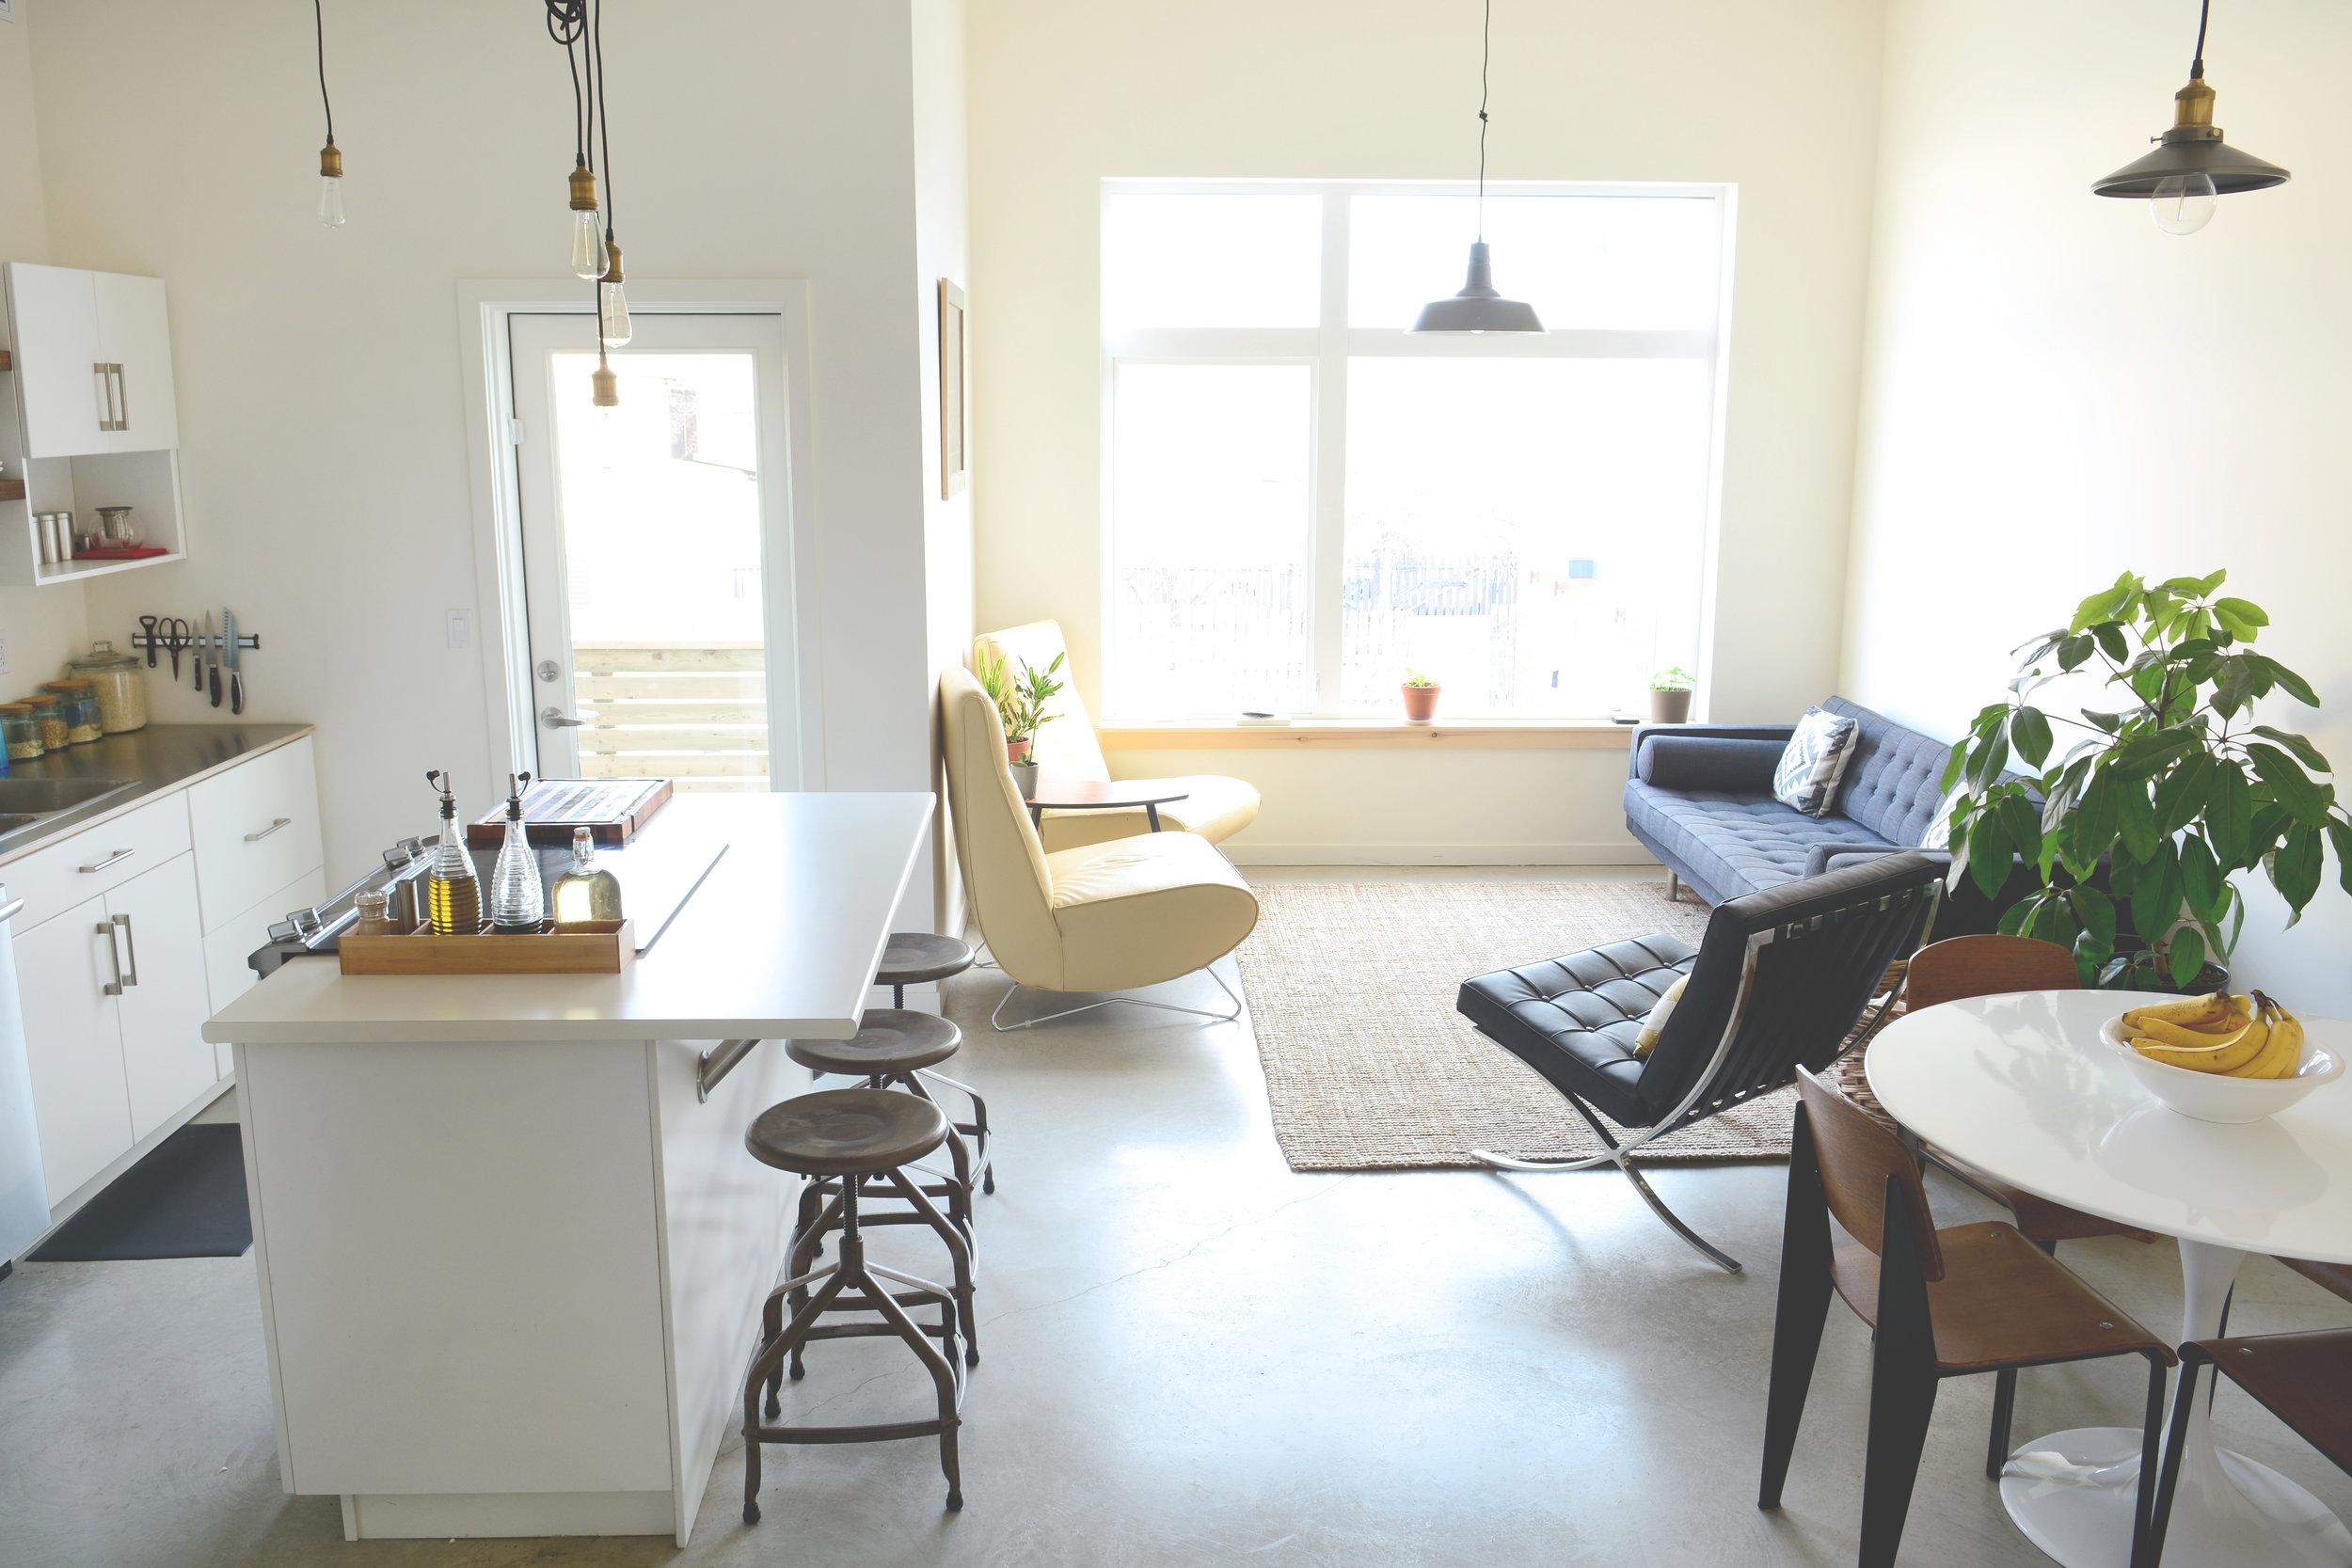 4B Living Room 2.jpg